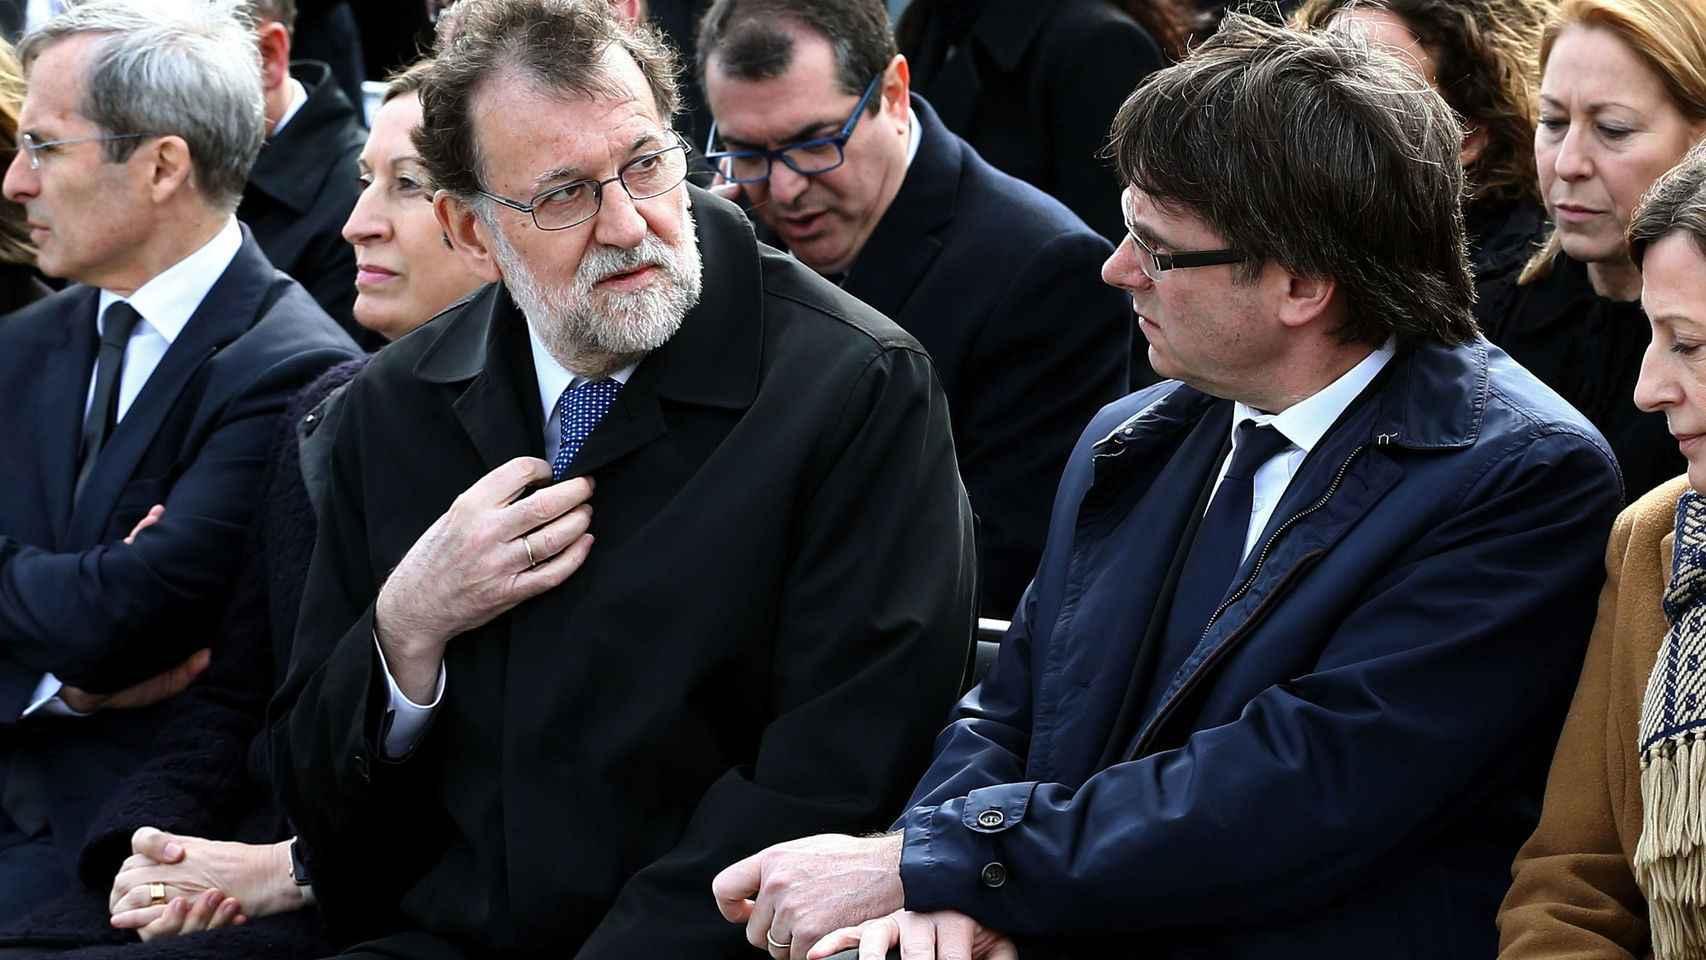 Mariano Rajoy y Carles Puigdemont en el acto celebrado en el aeropuerto de El Prat